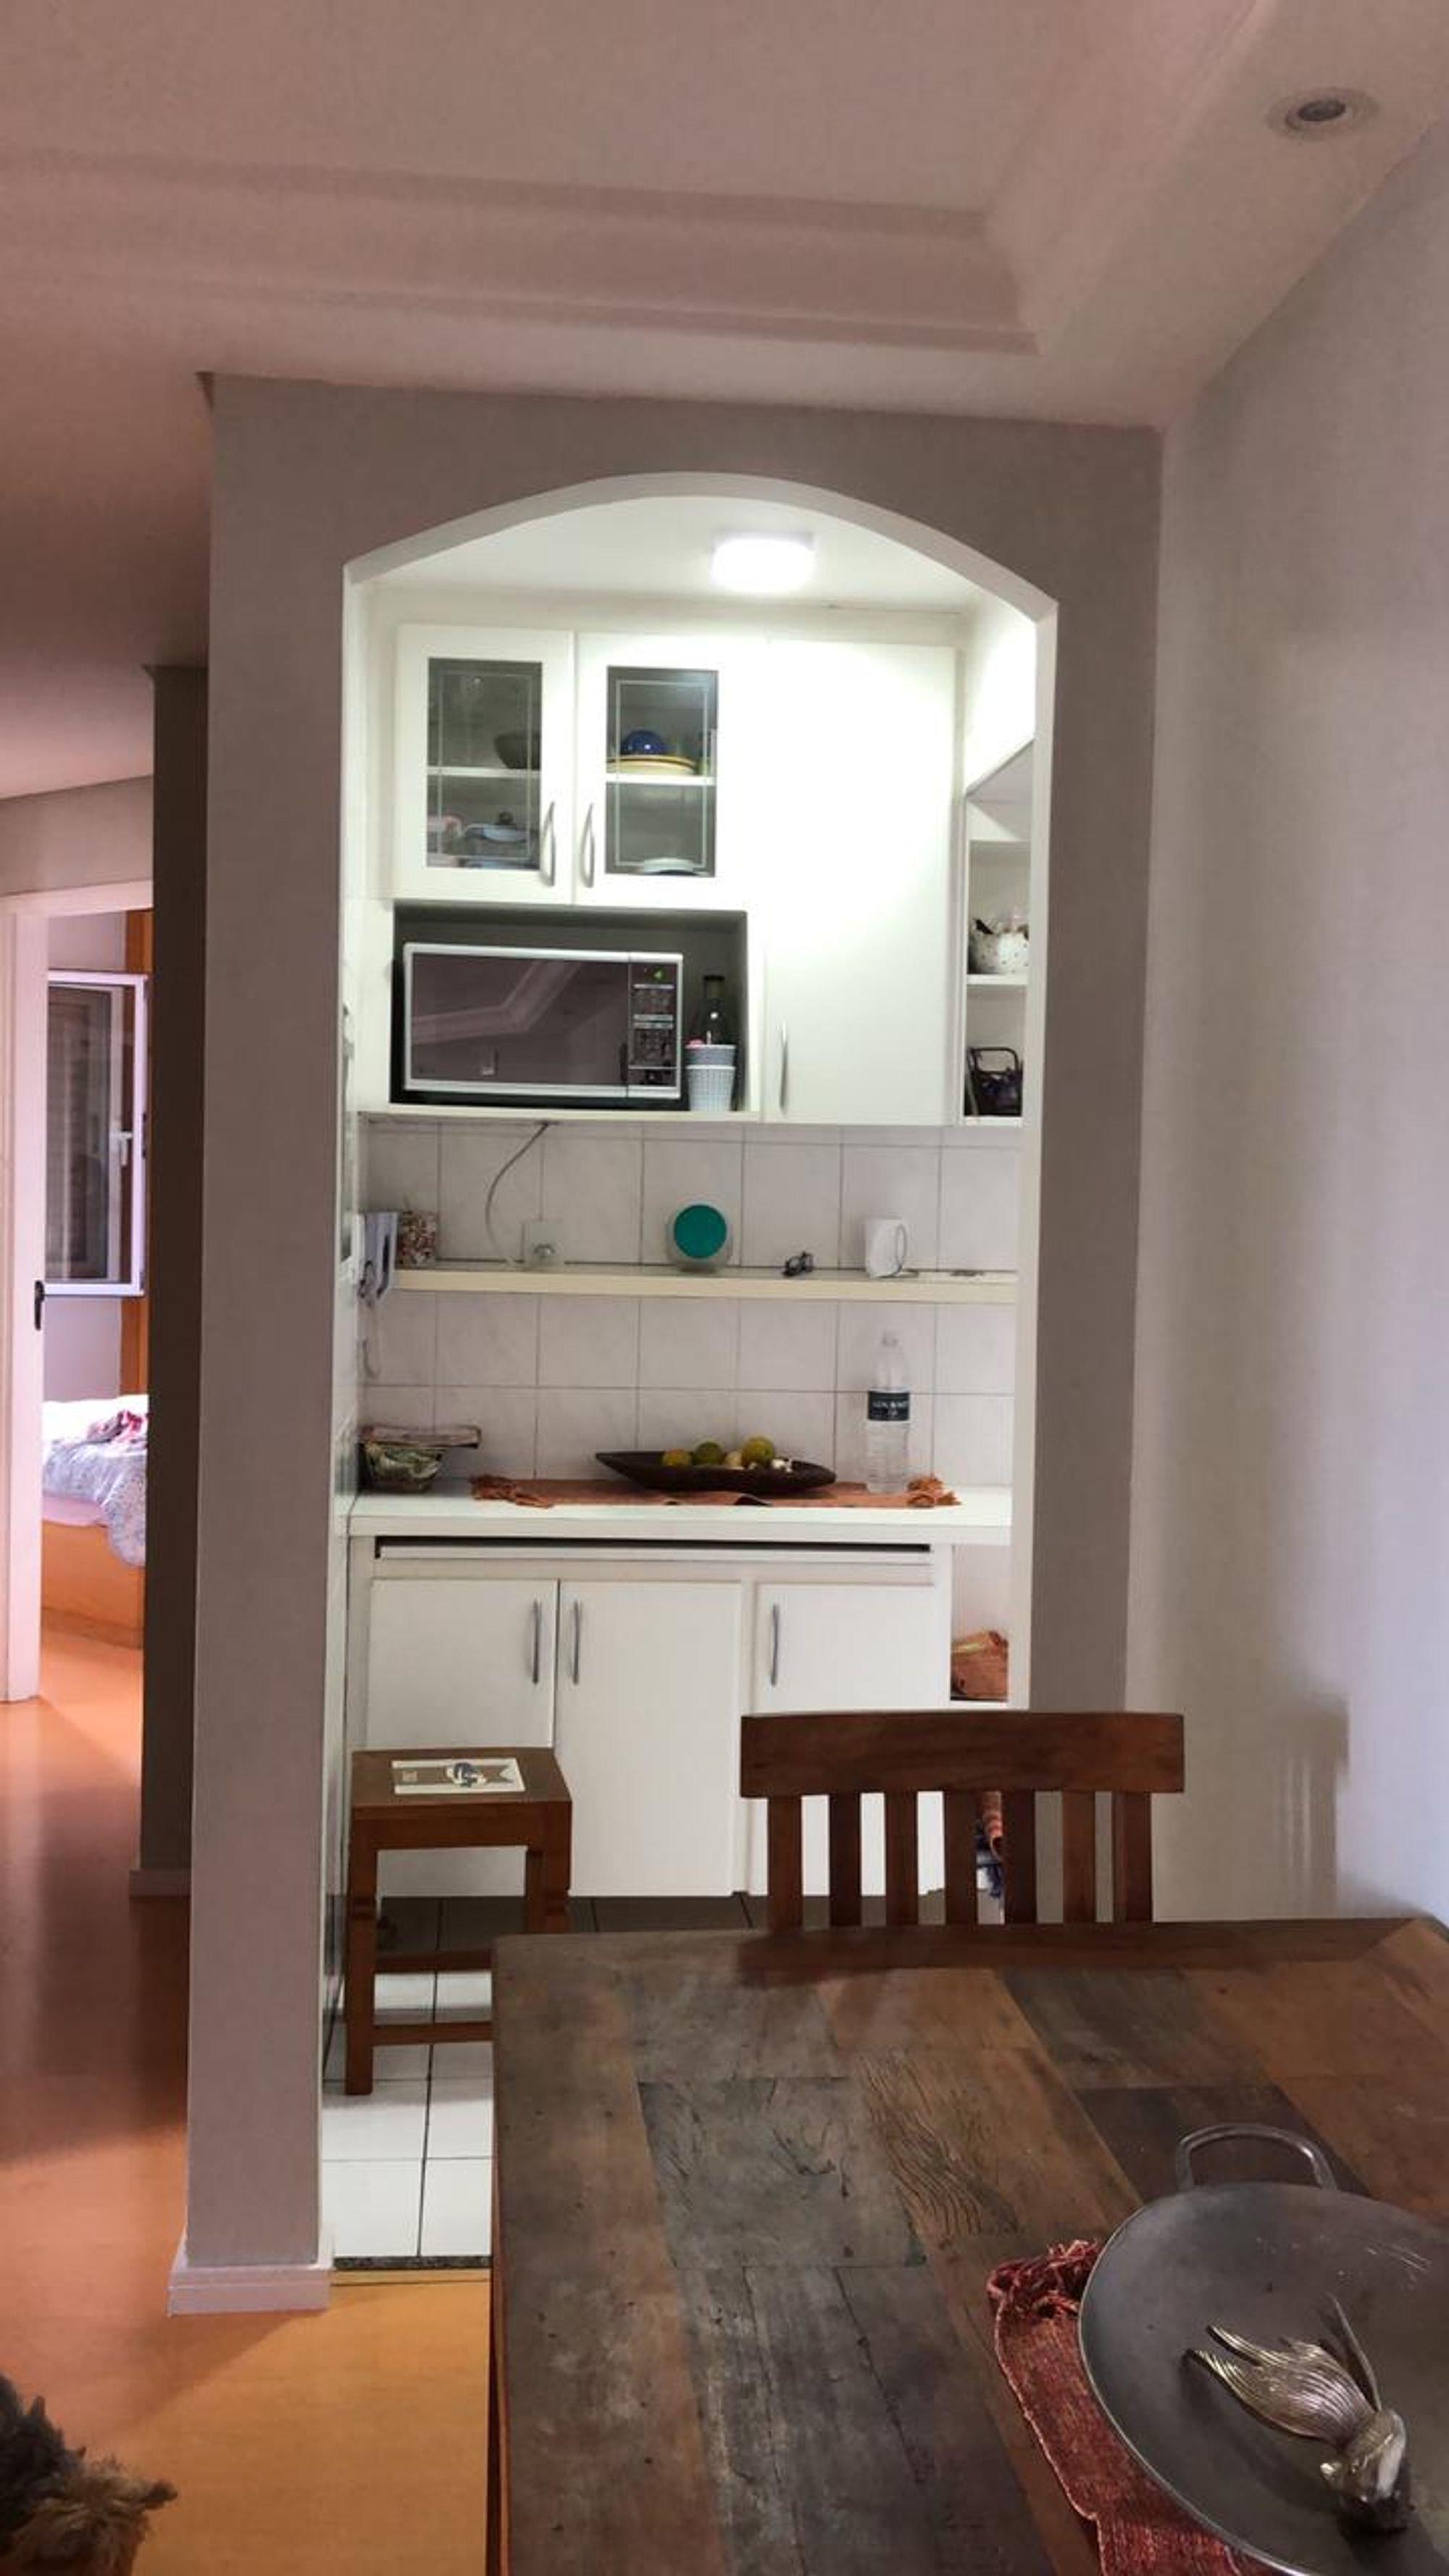 Foto de Cozinha com cadeira, pia, microondas, mesa de jantar, xícara